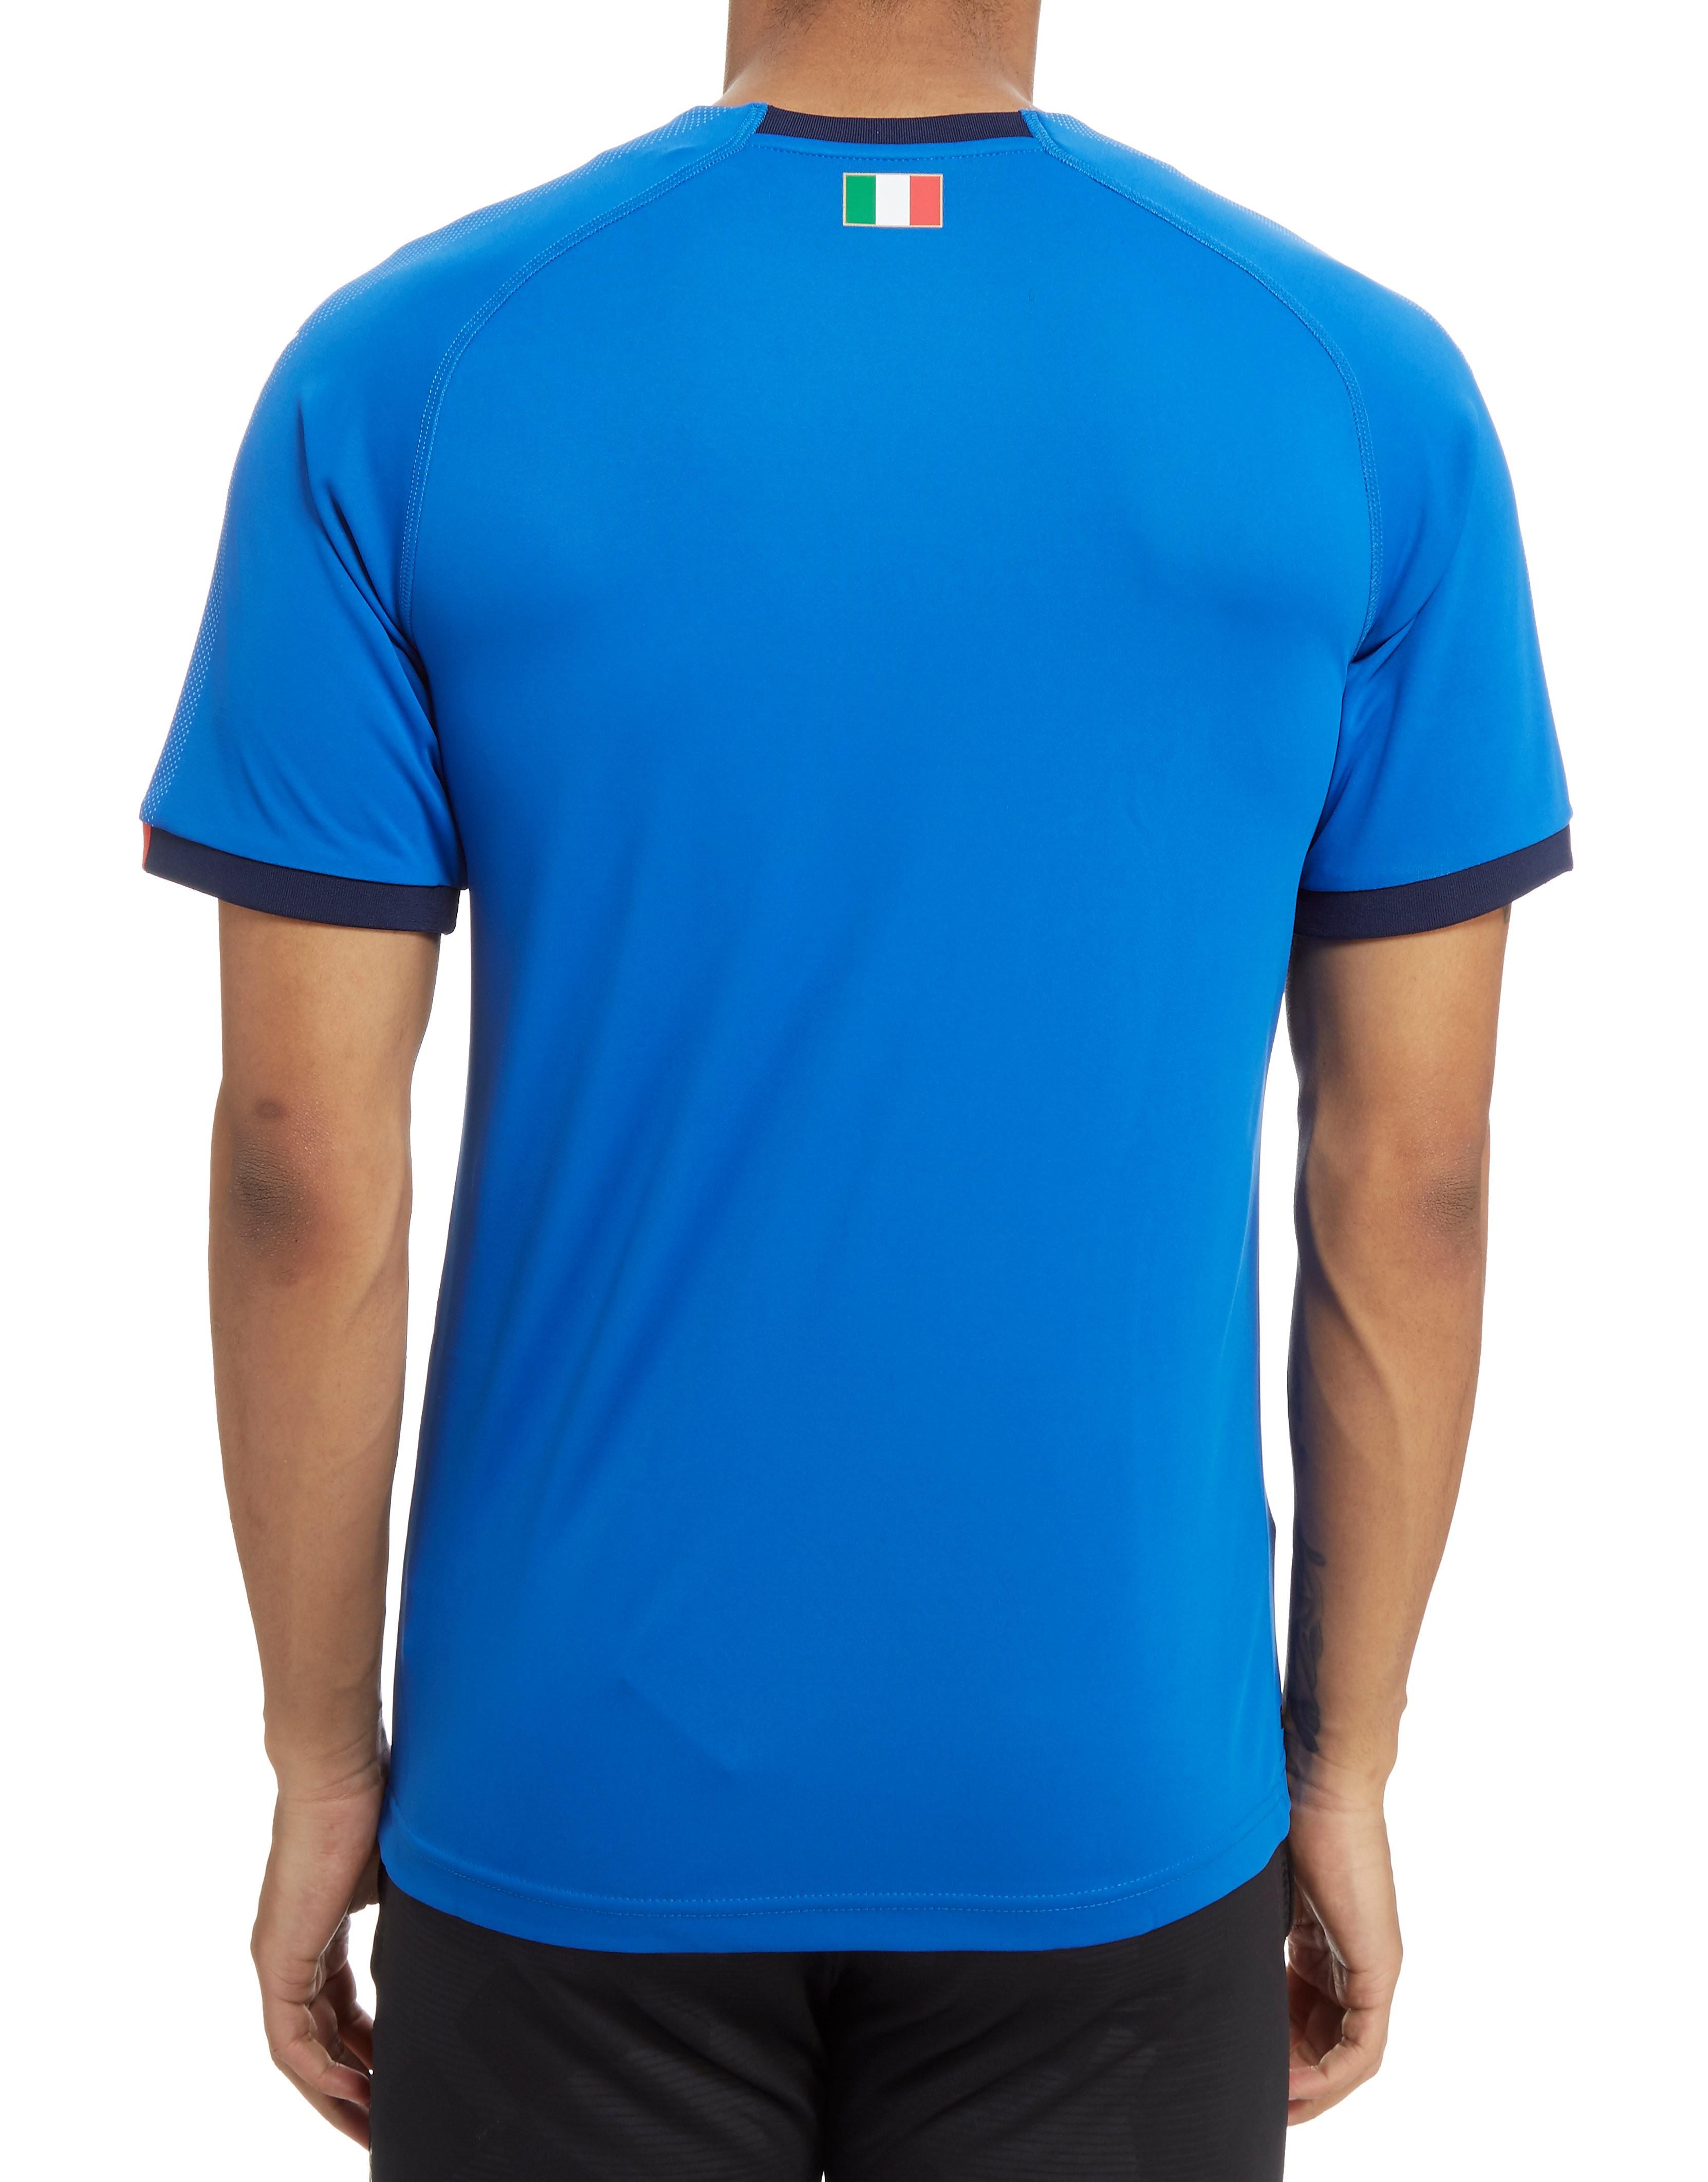 PUMA Italy 2018 Home Shirt